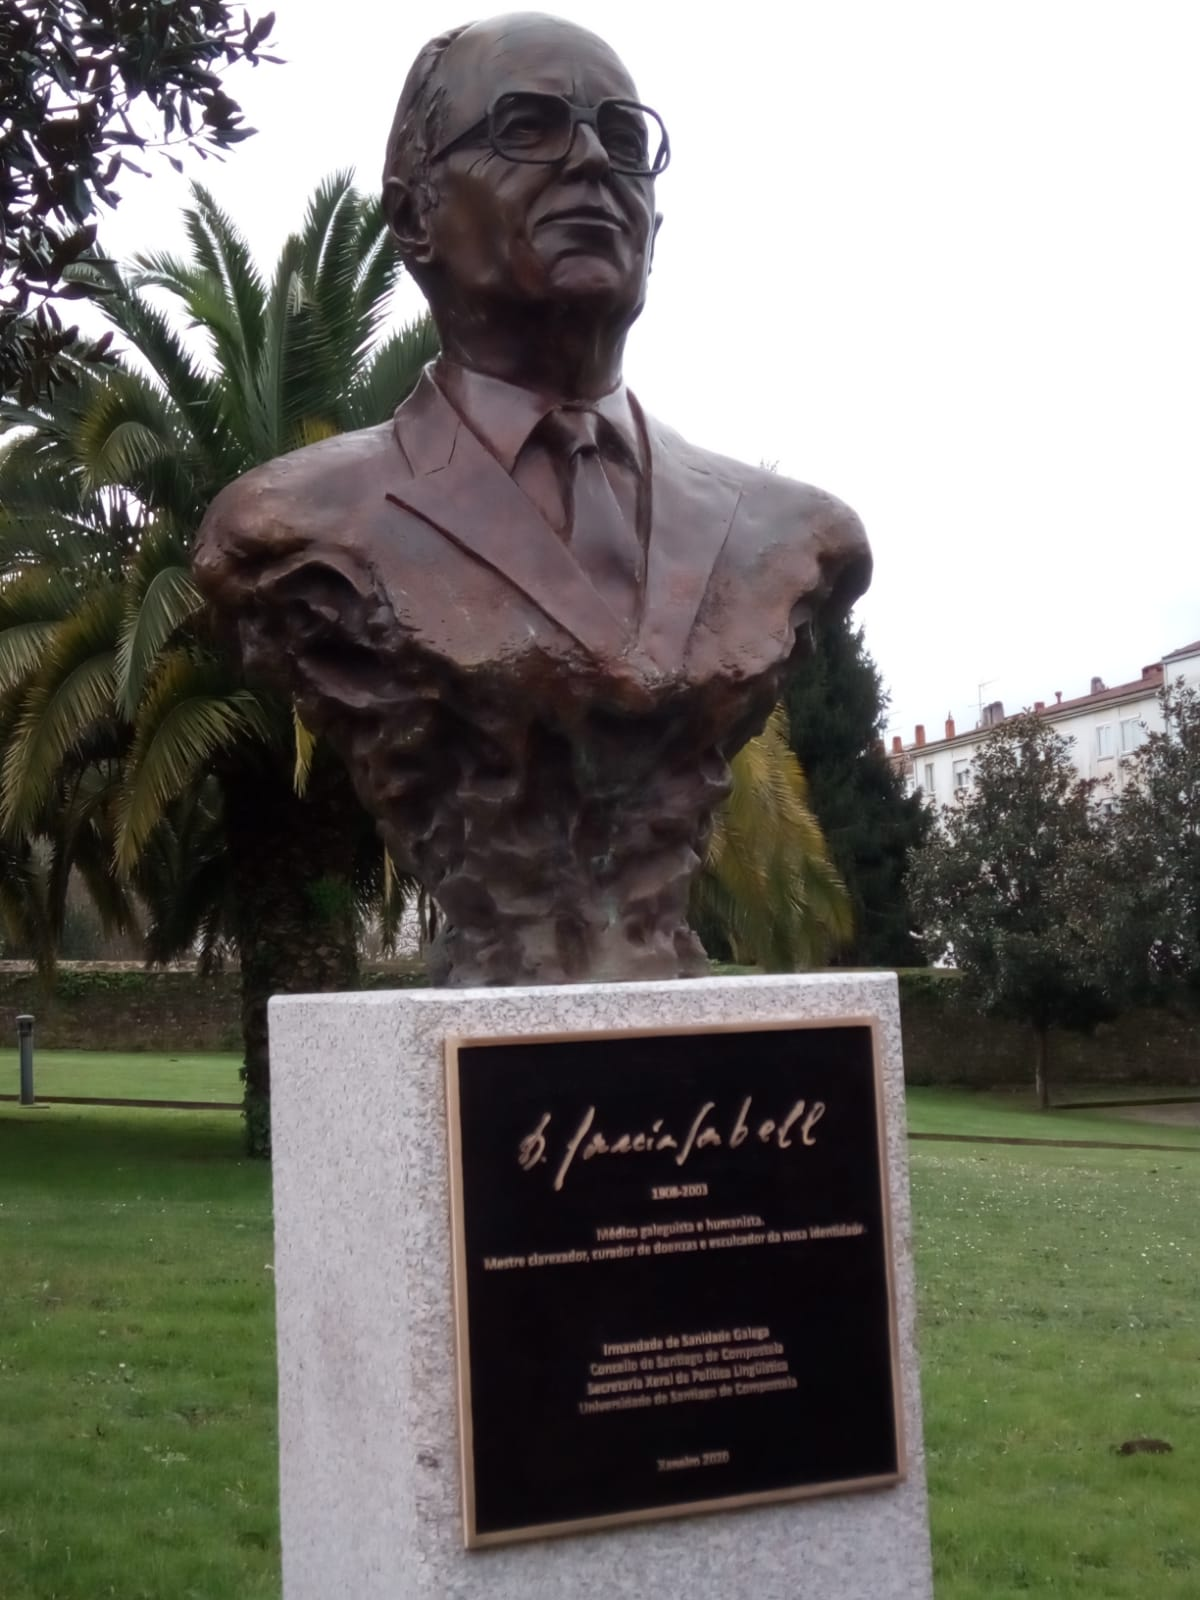 O busto e a placa dedicados a Domingo García-Sabell.